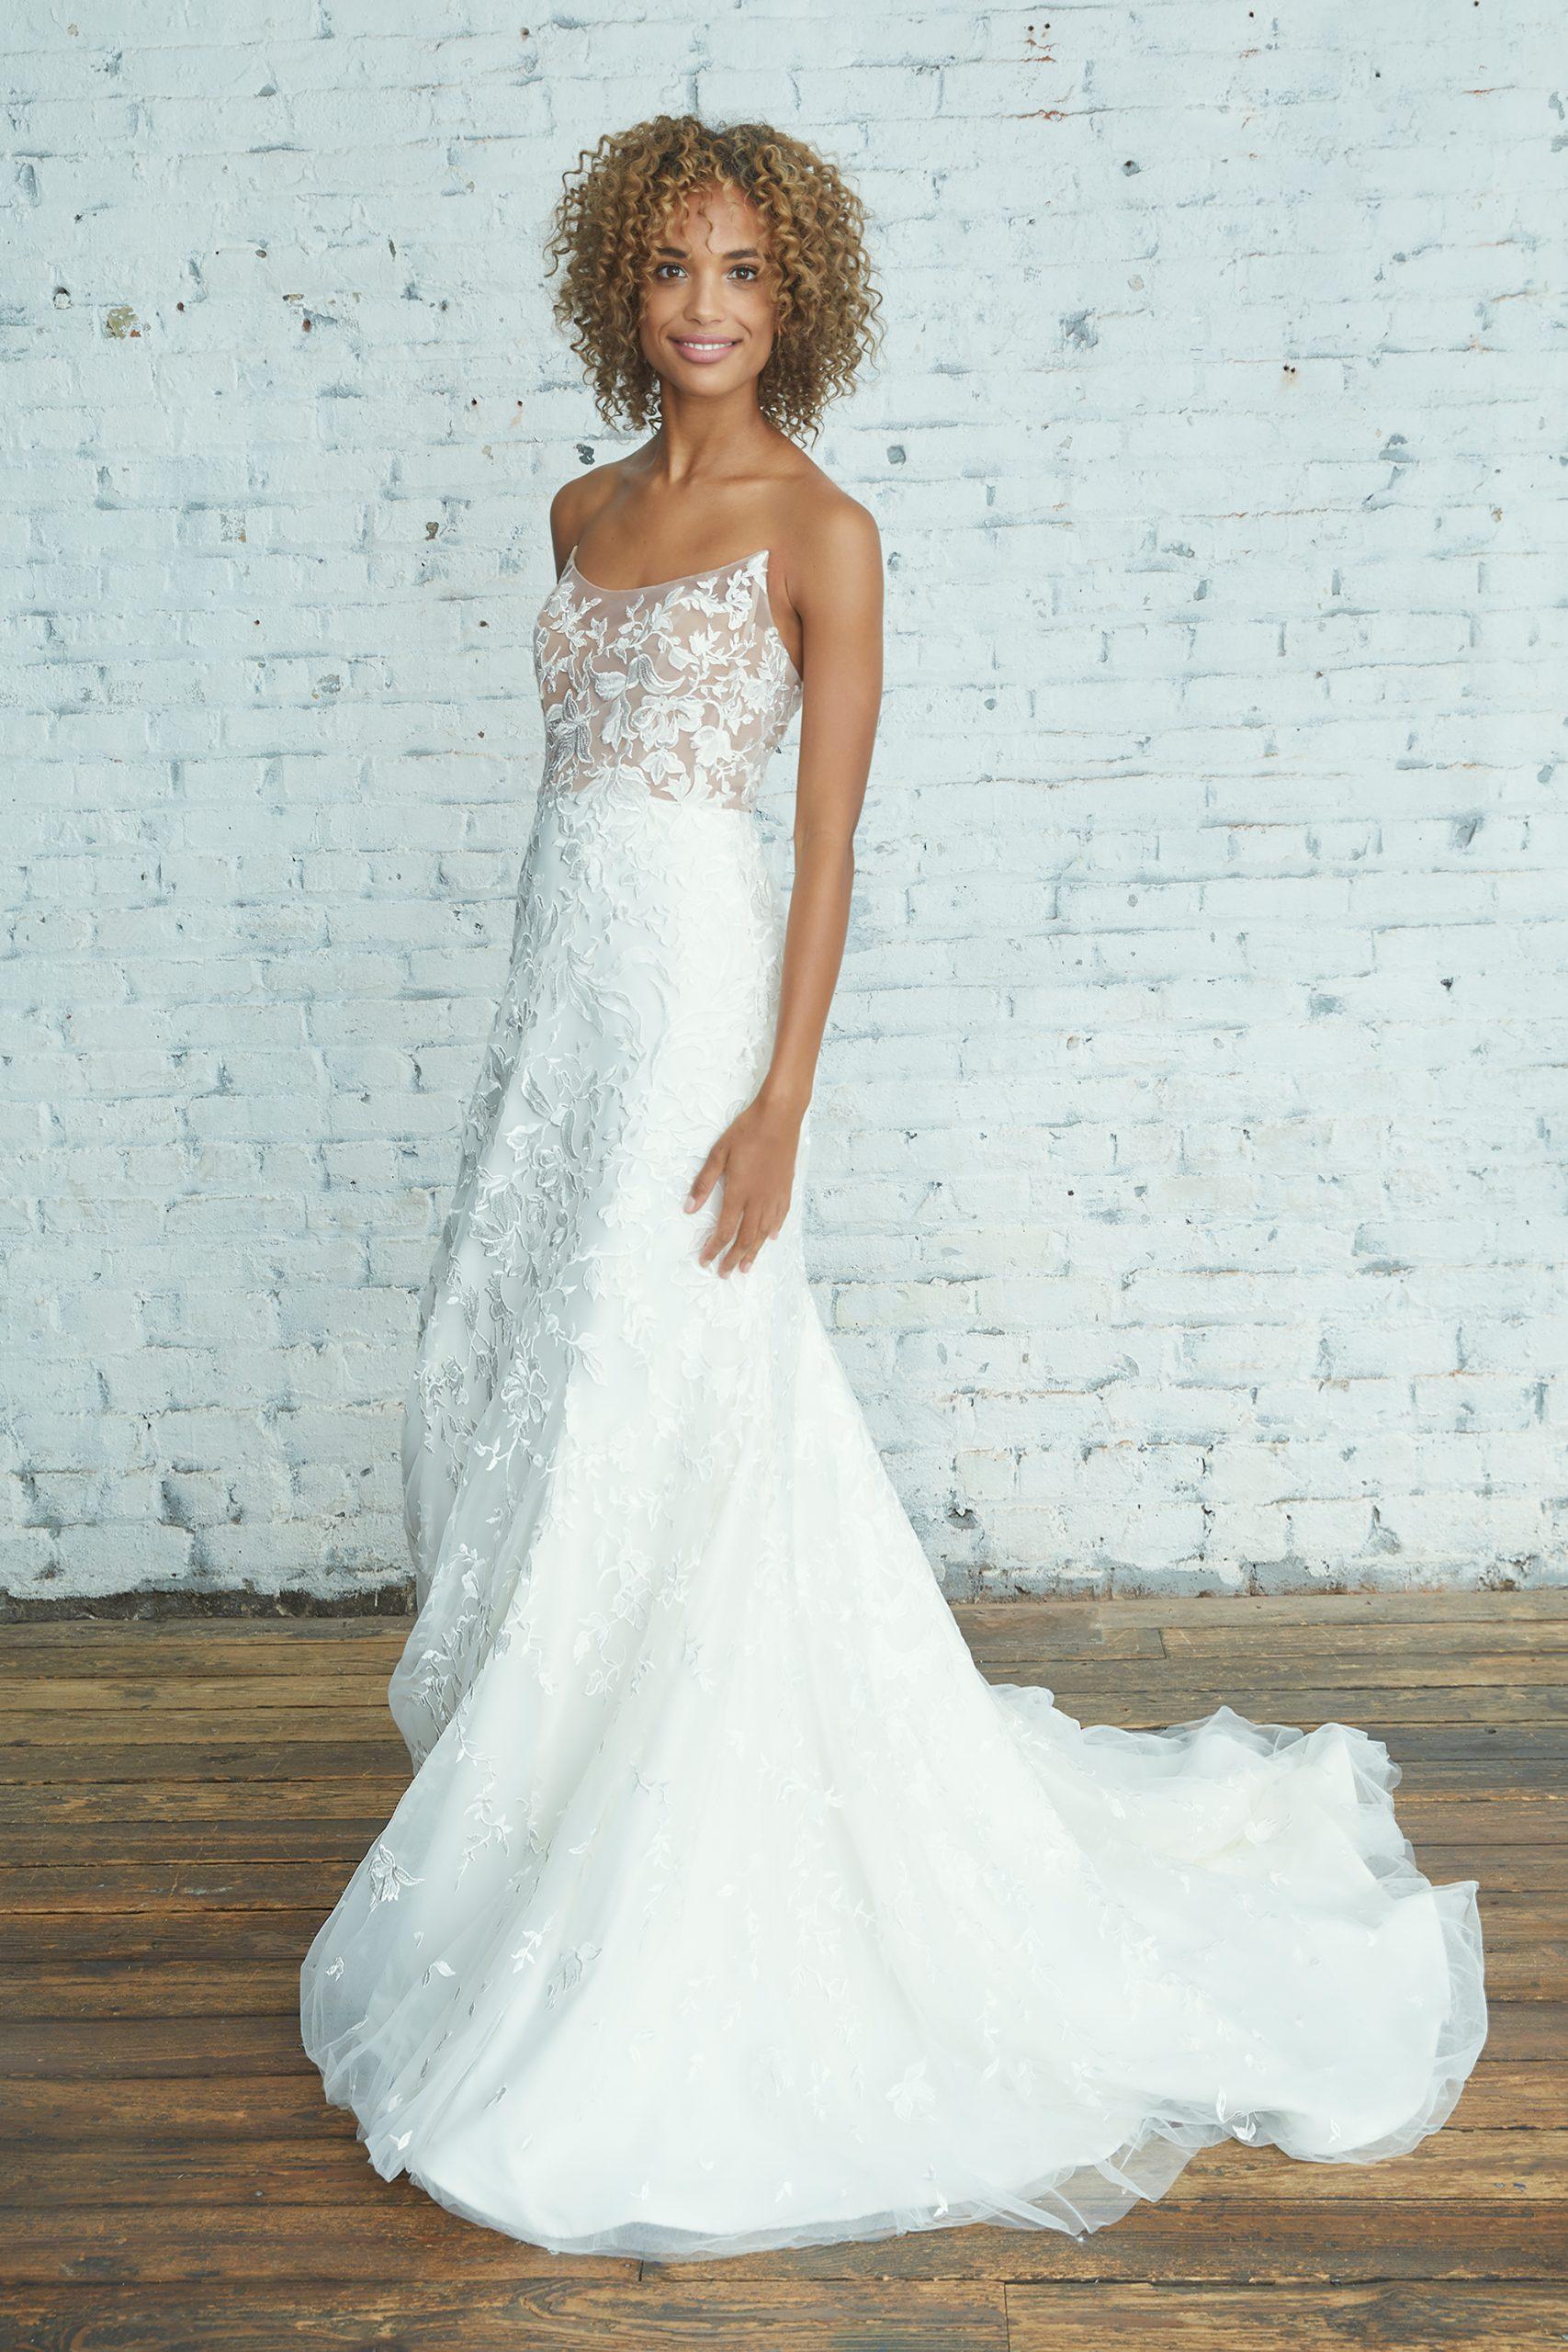 Lily wedding dress by Kelly Faetanini